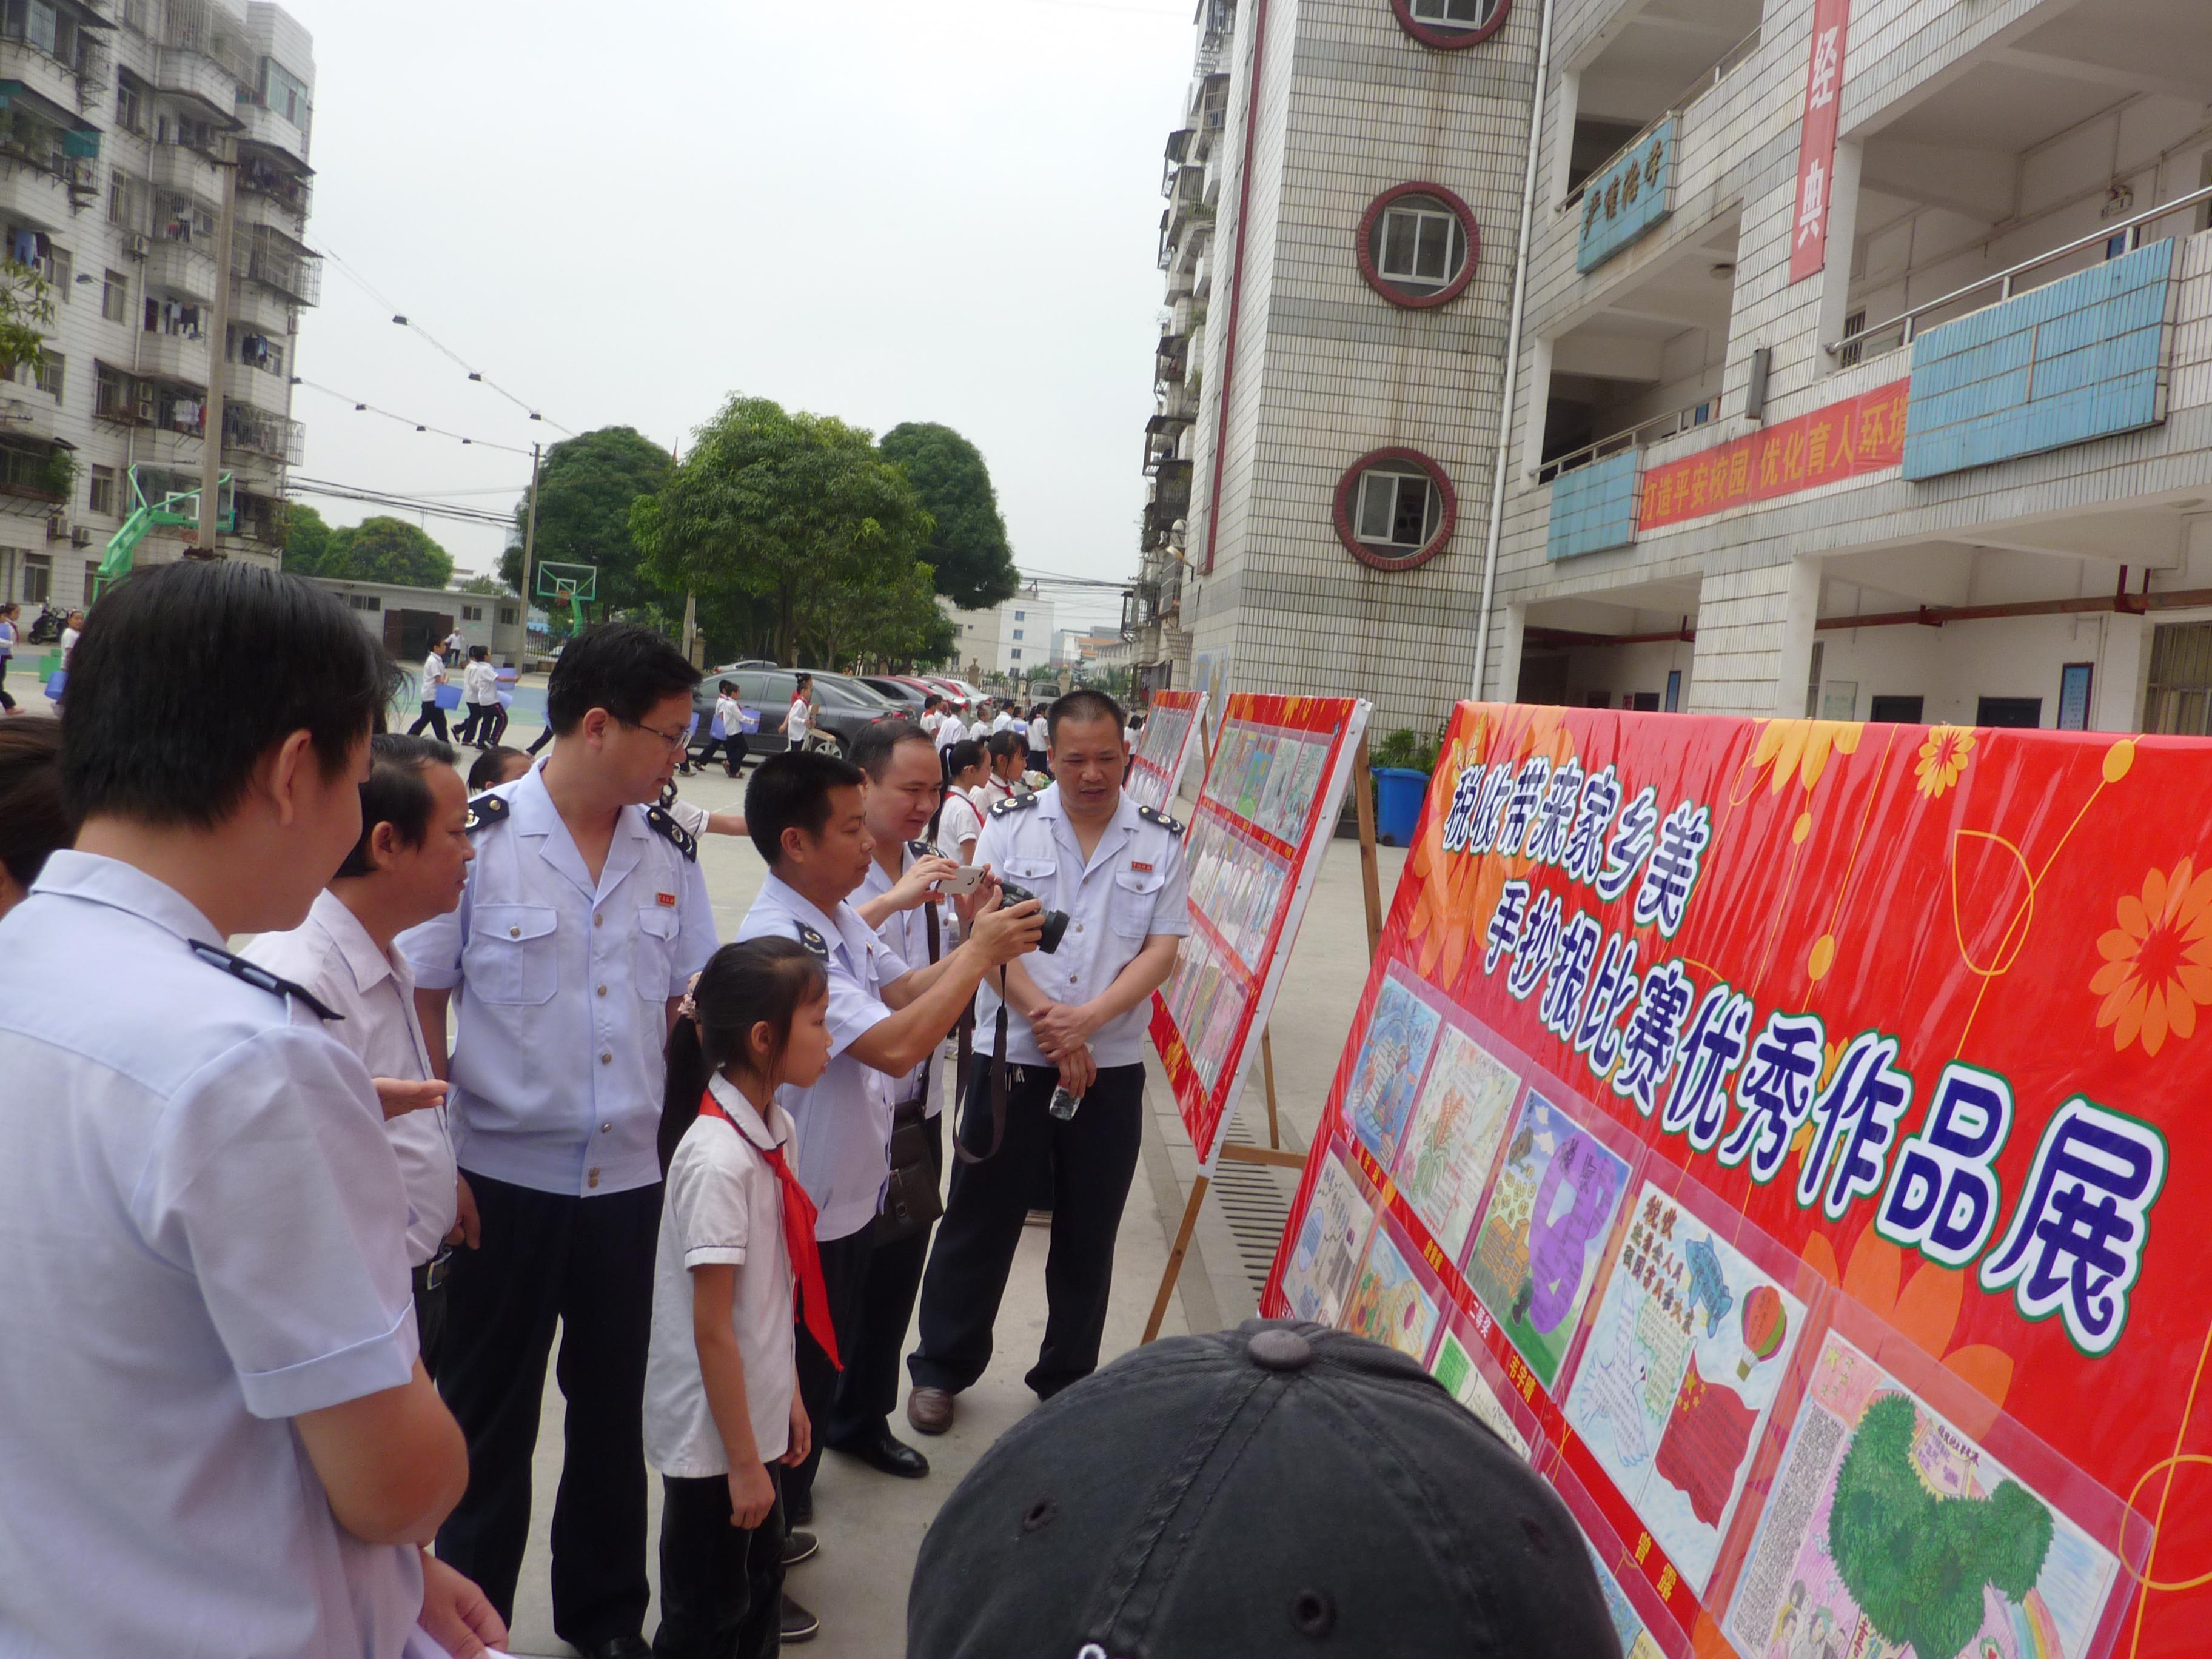 2013年南宁市大沙田小学 描绘中国梦 税收带来家乡美 手抄报活动